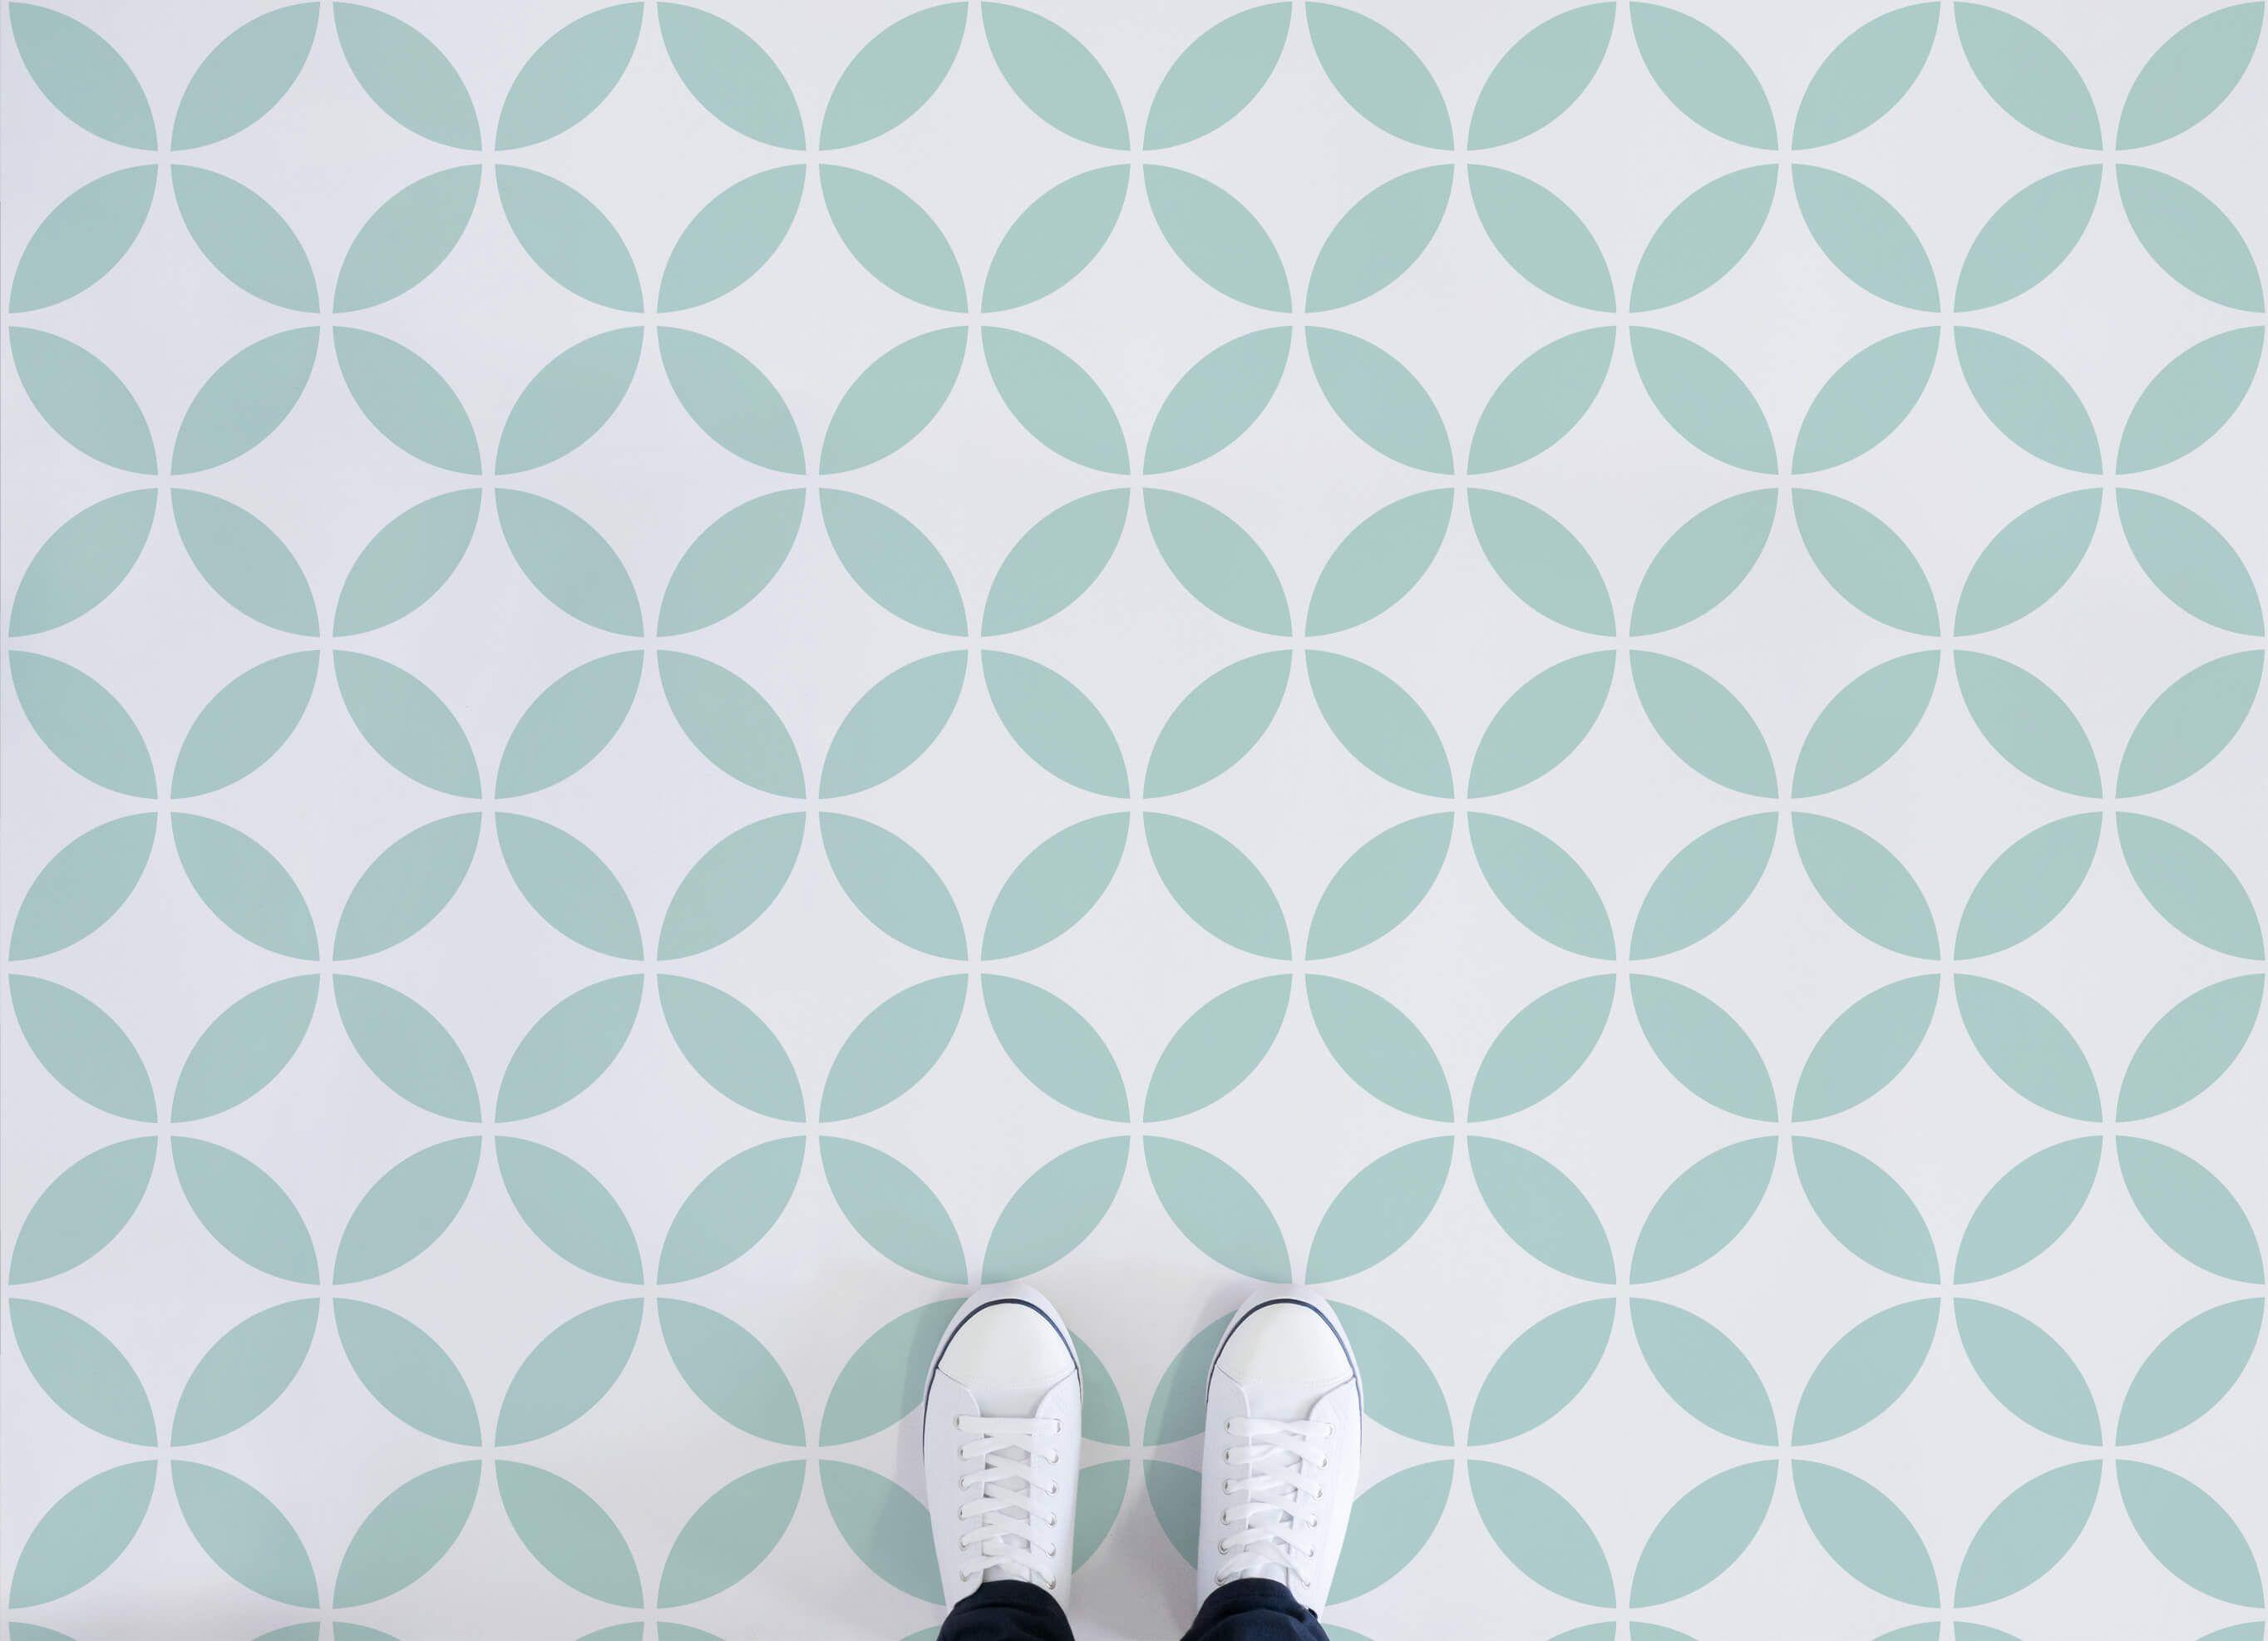 Circle Pattern Vinyl Flooring | Lorem ipsum, Circle pattern and ...